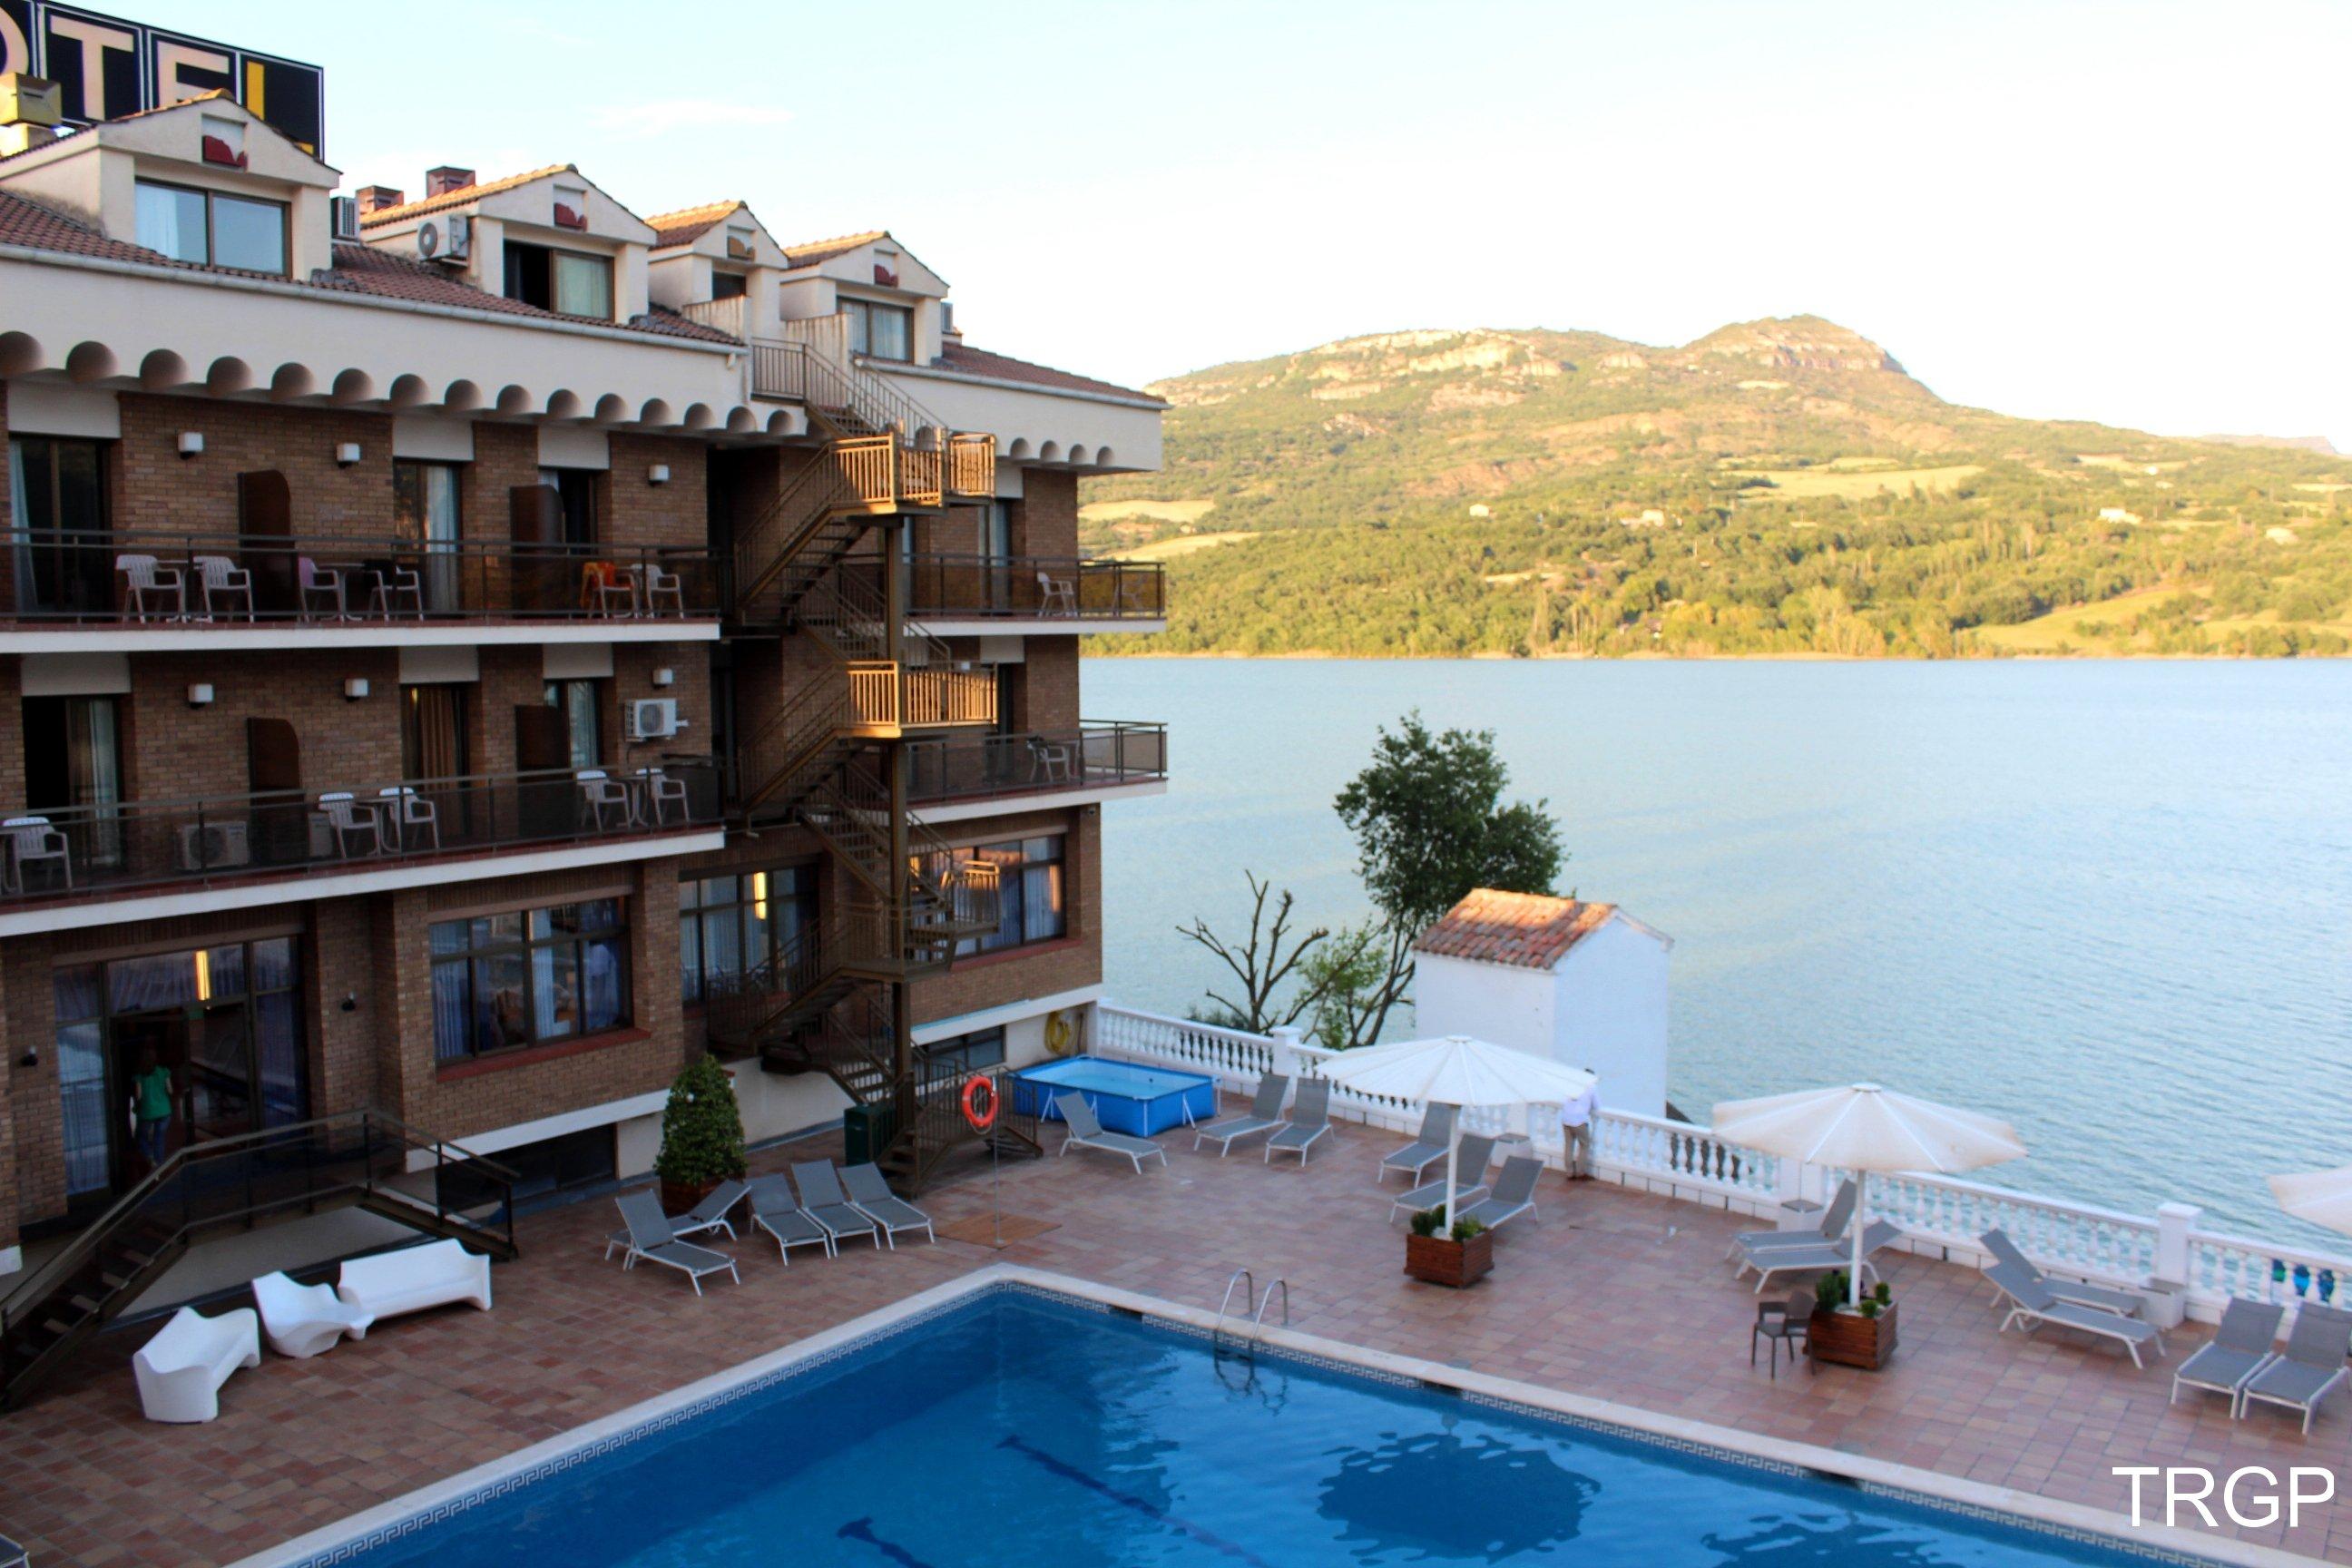 hotelterradets9